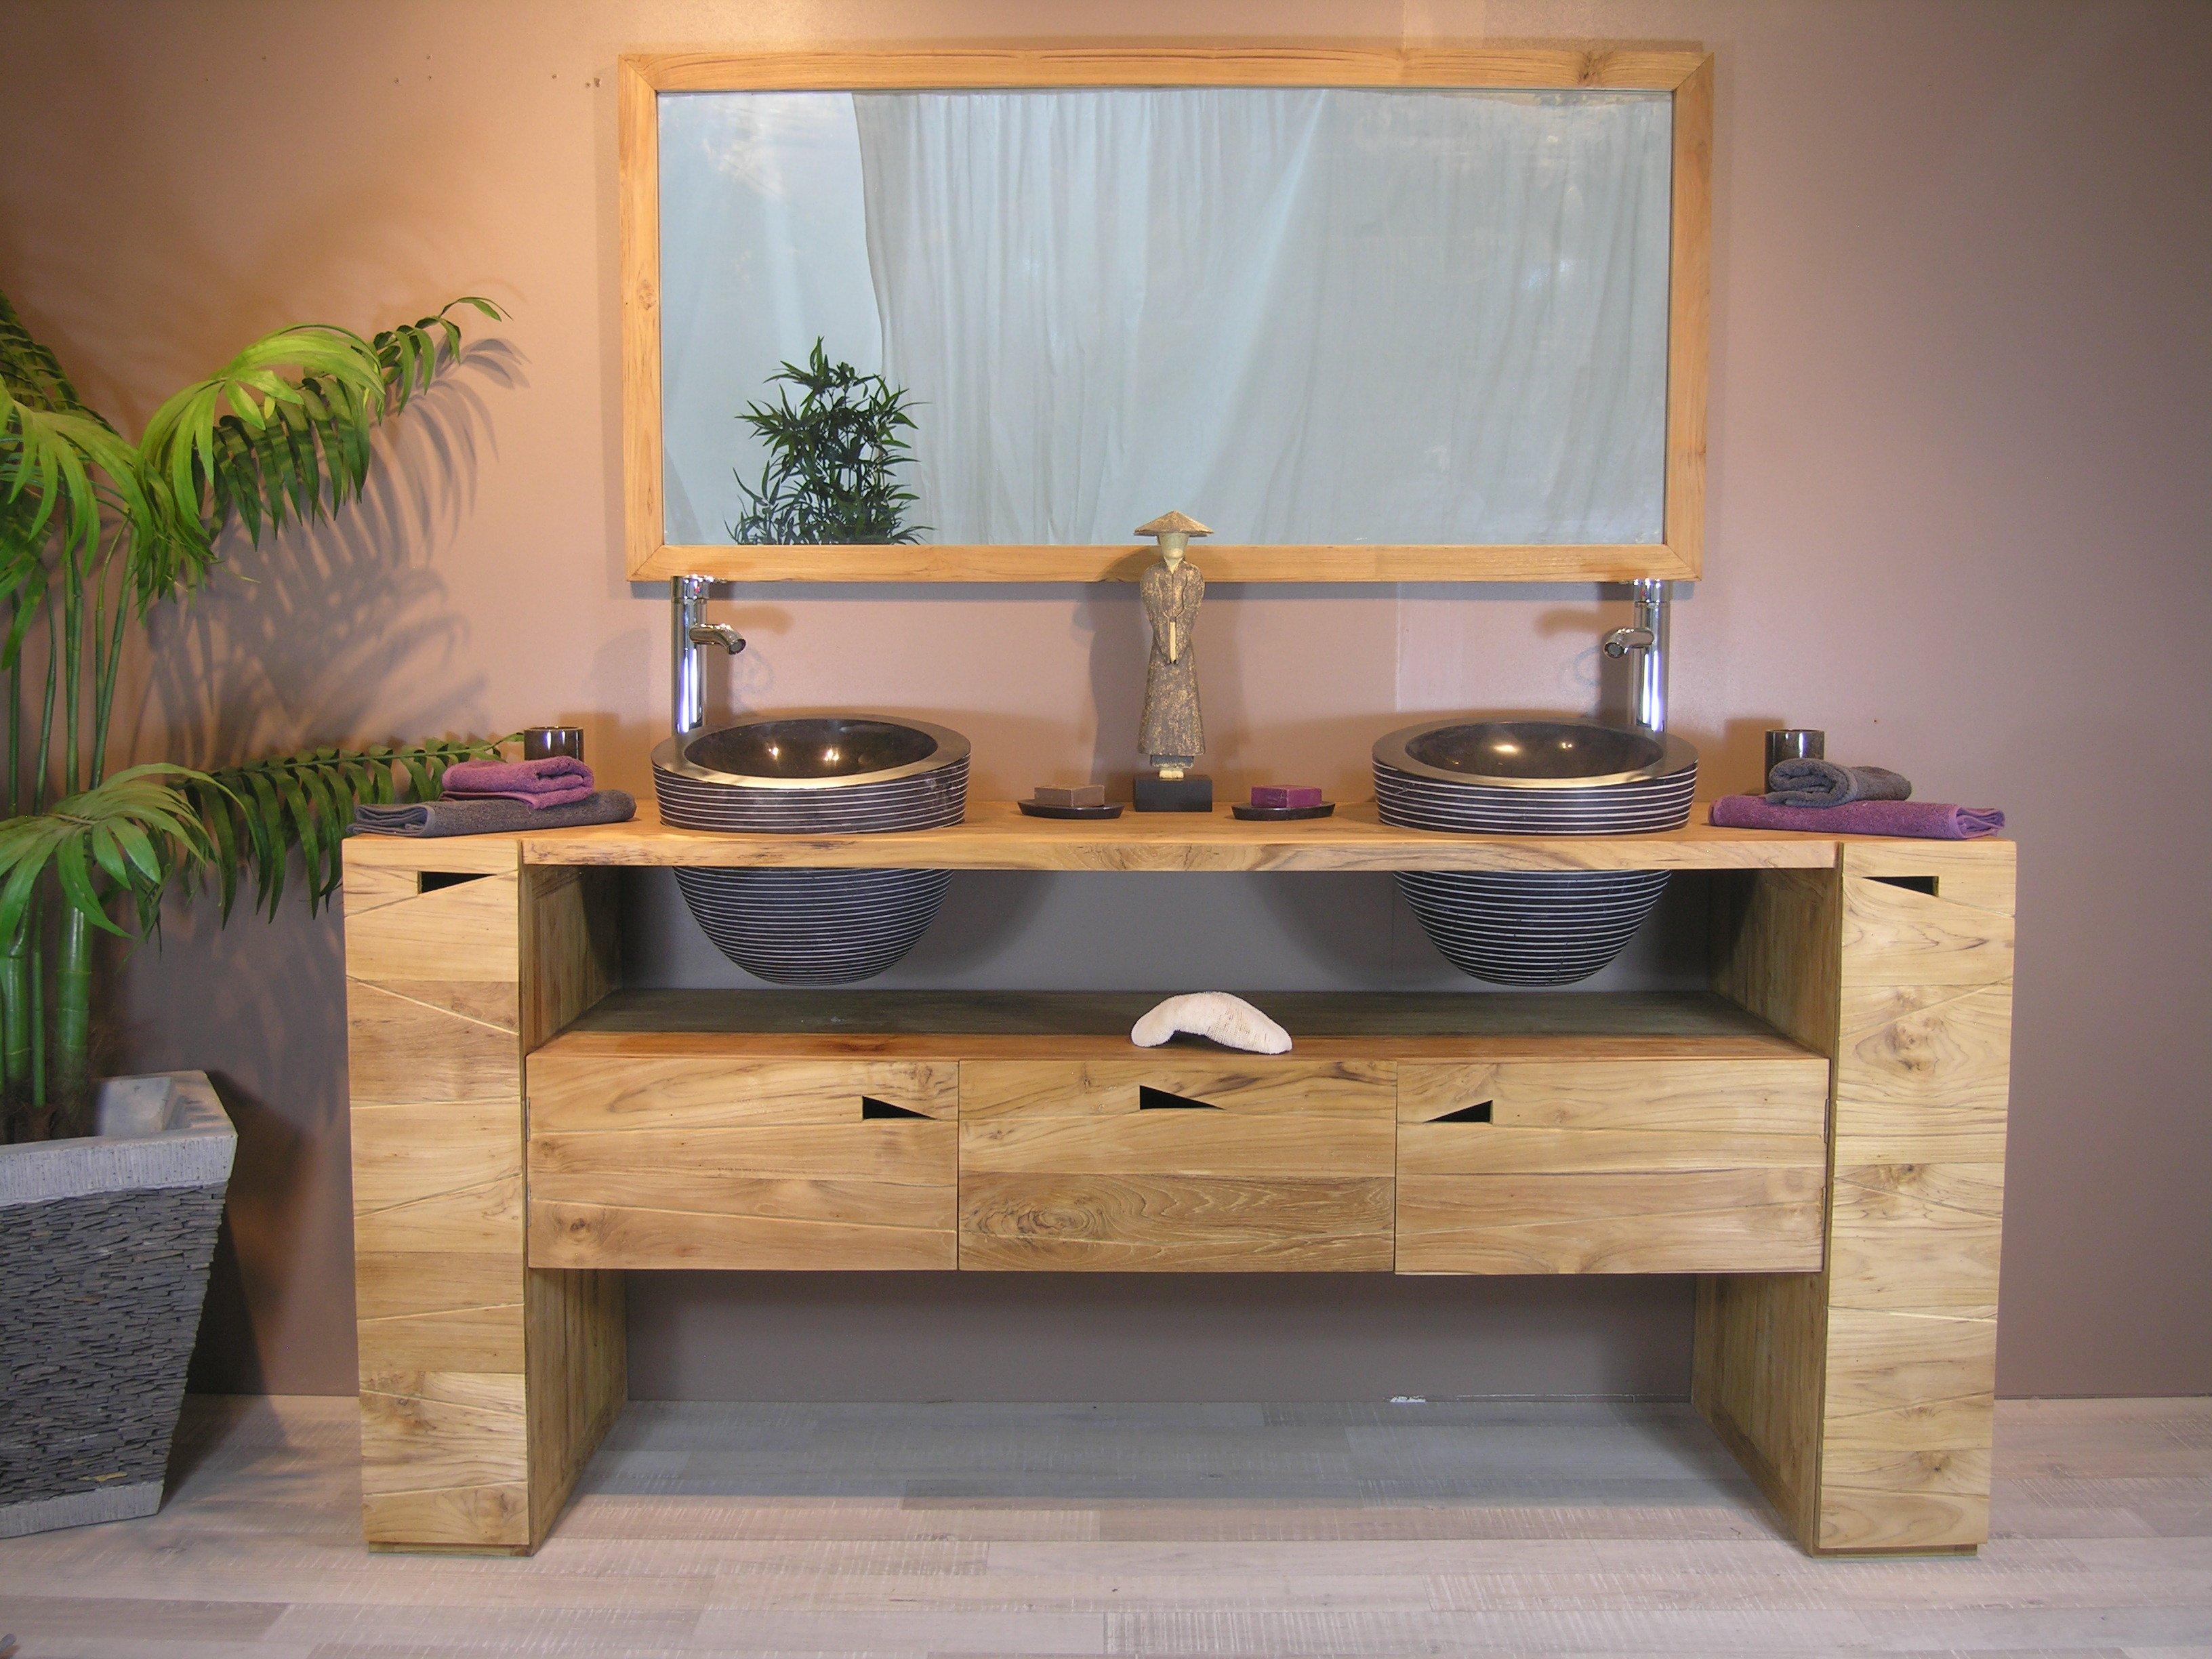 Meuble salle de bain pas cher belgique